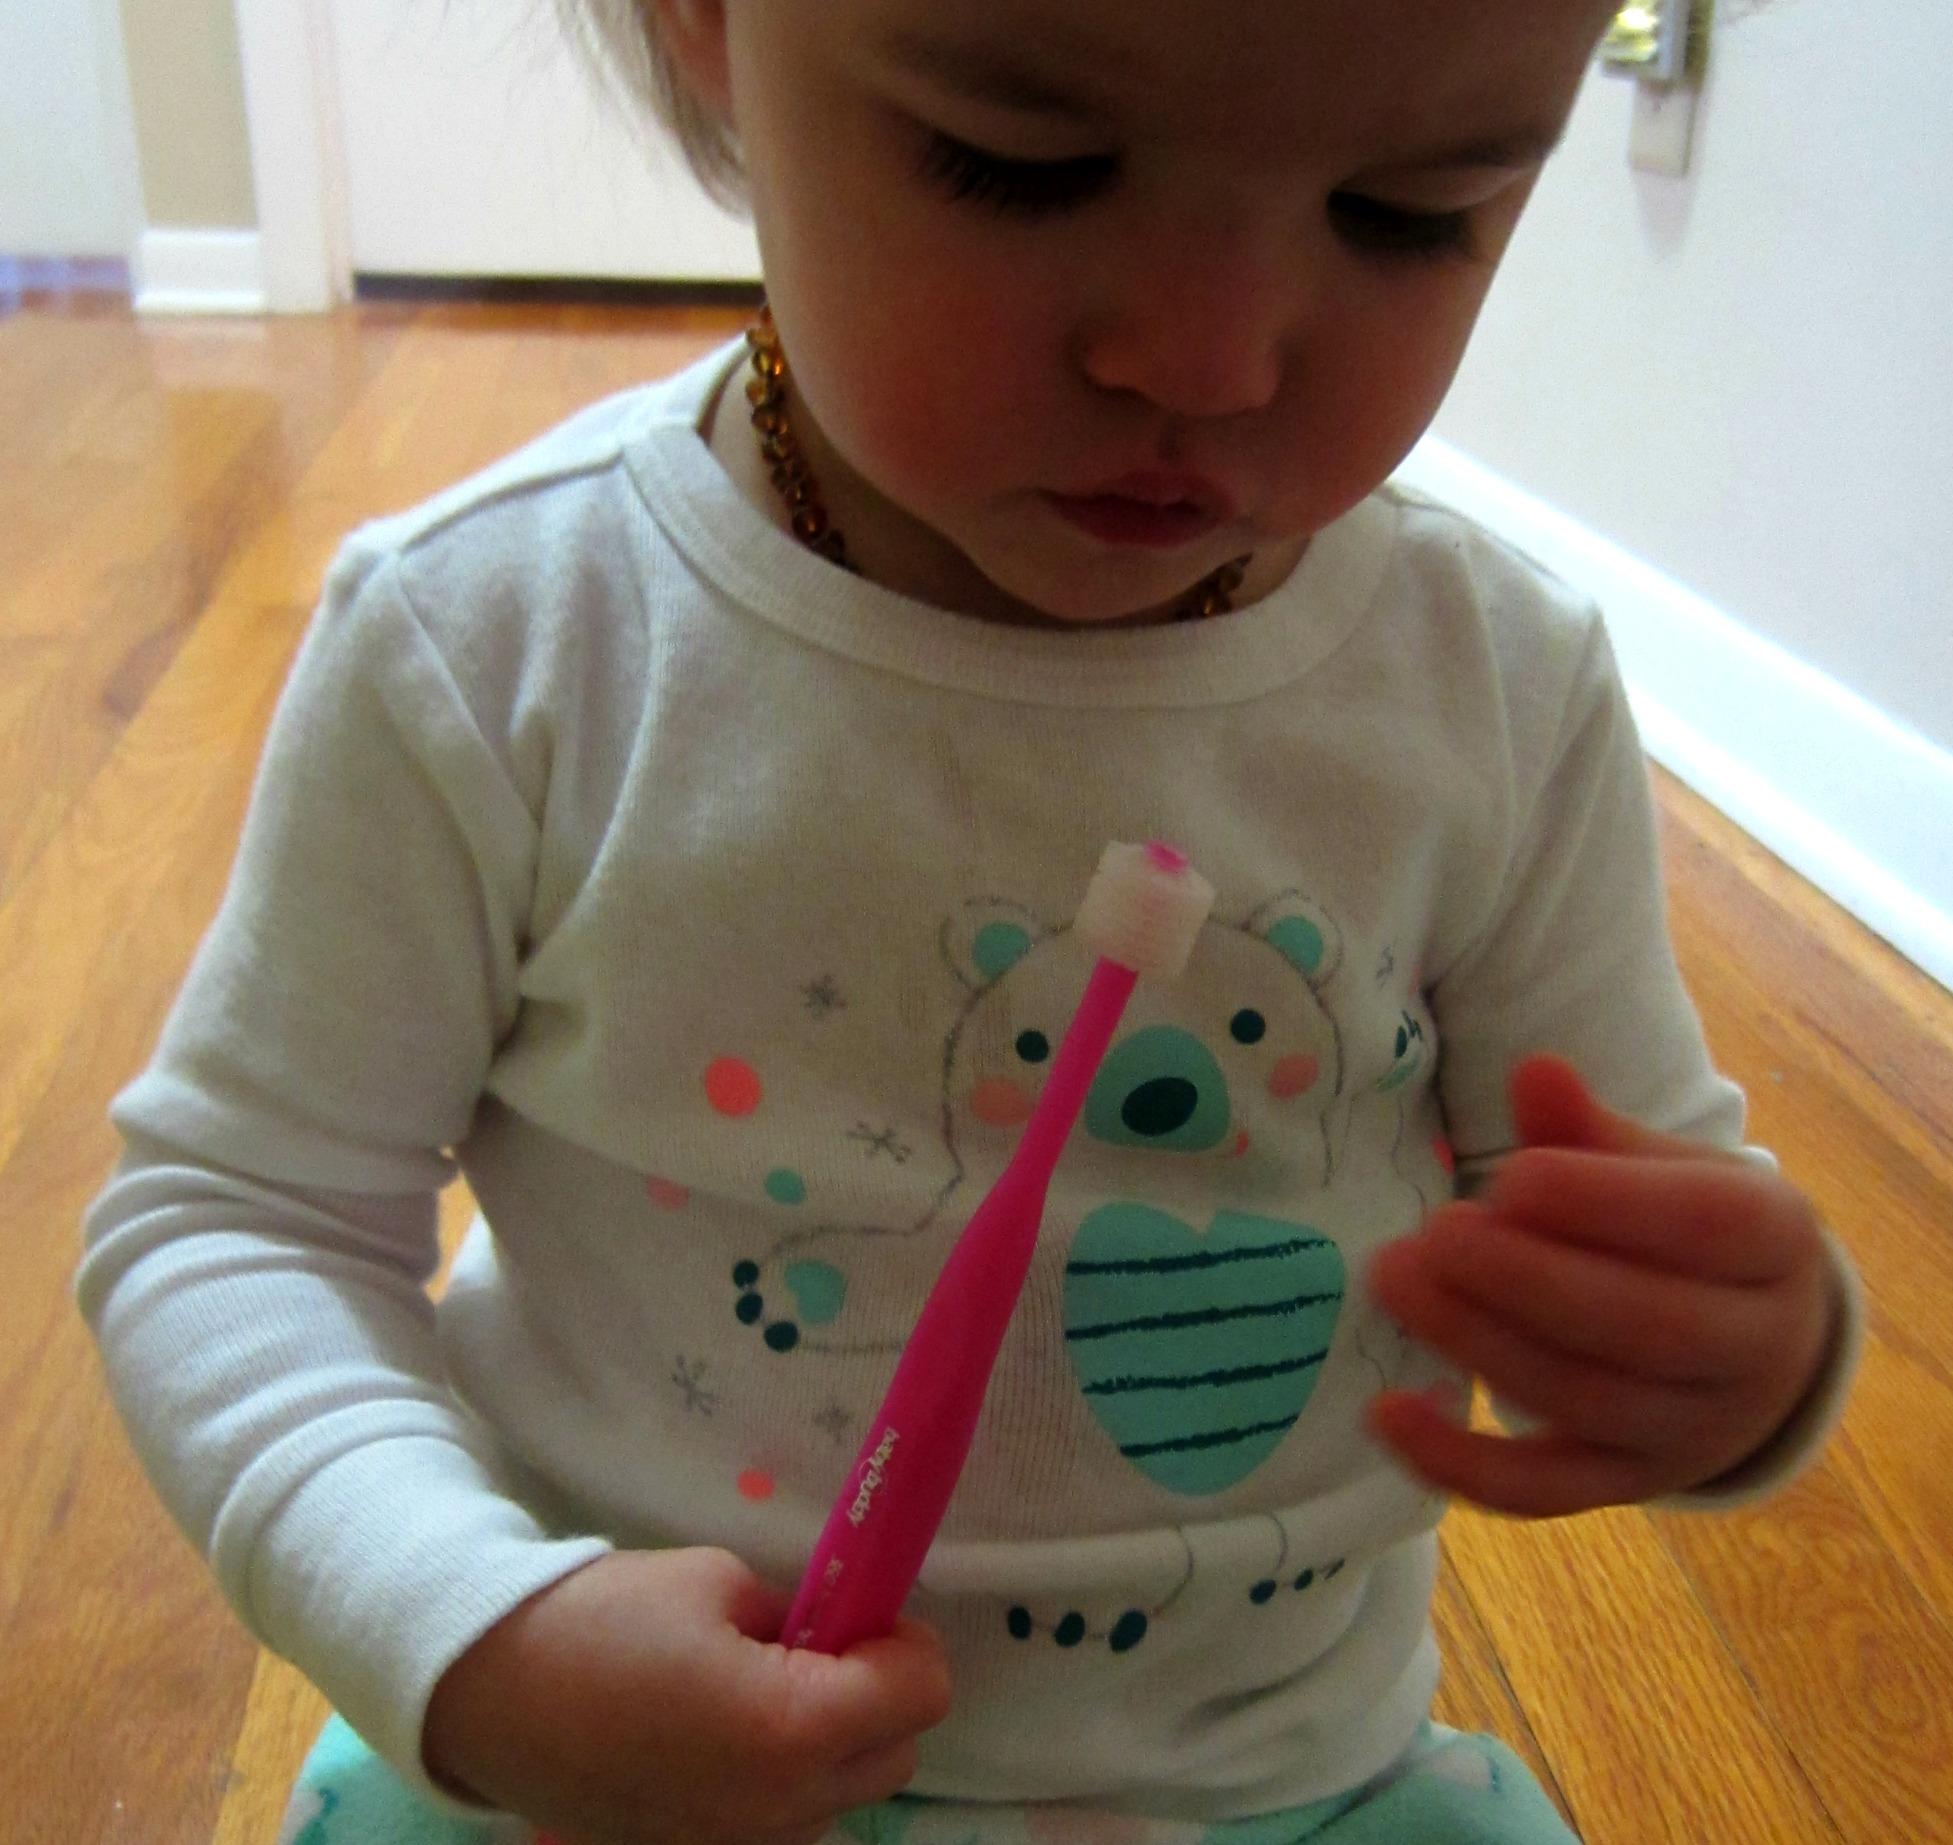 MamatheFox - Baby Buddy - Healthy Teeth & Gums - MamatheFox